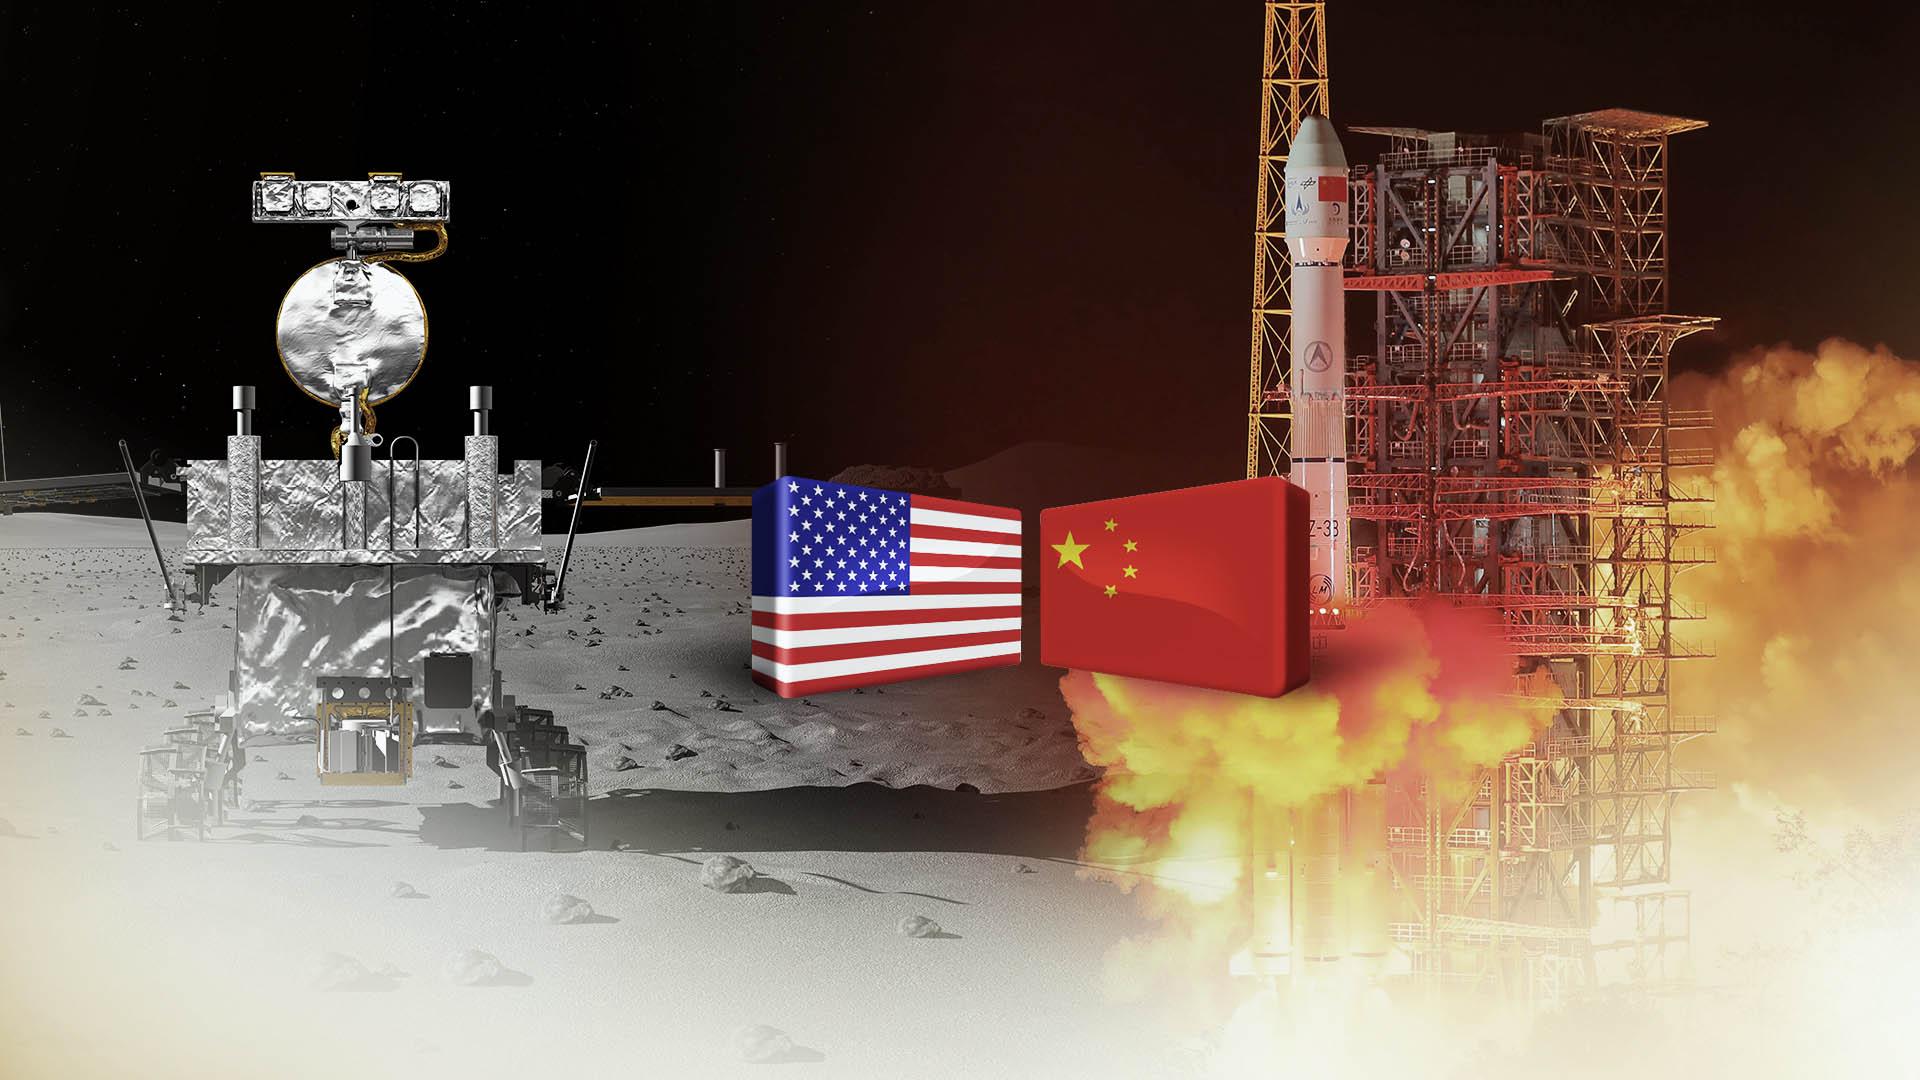 추격하는 중국, 달아나는 미국…불붙은 우주탐사